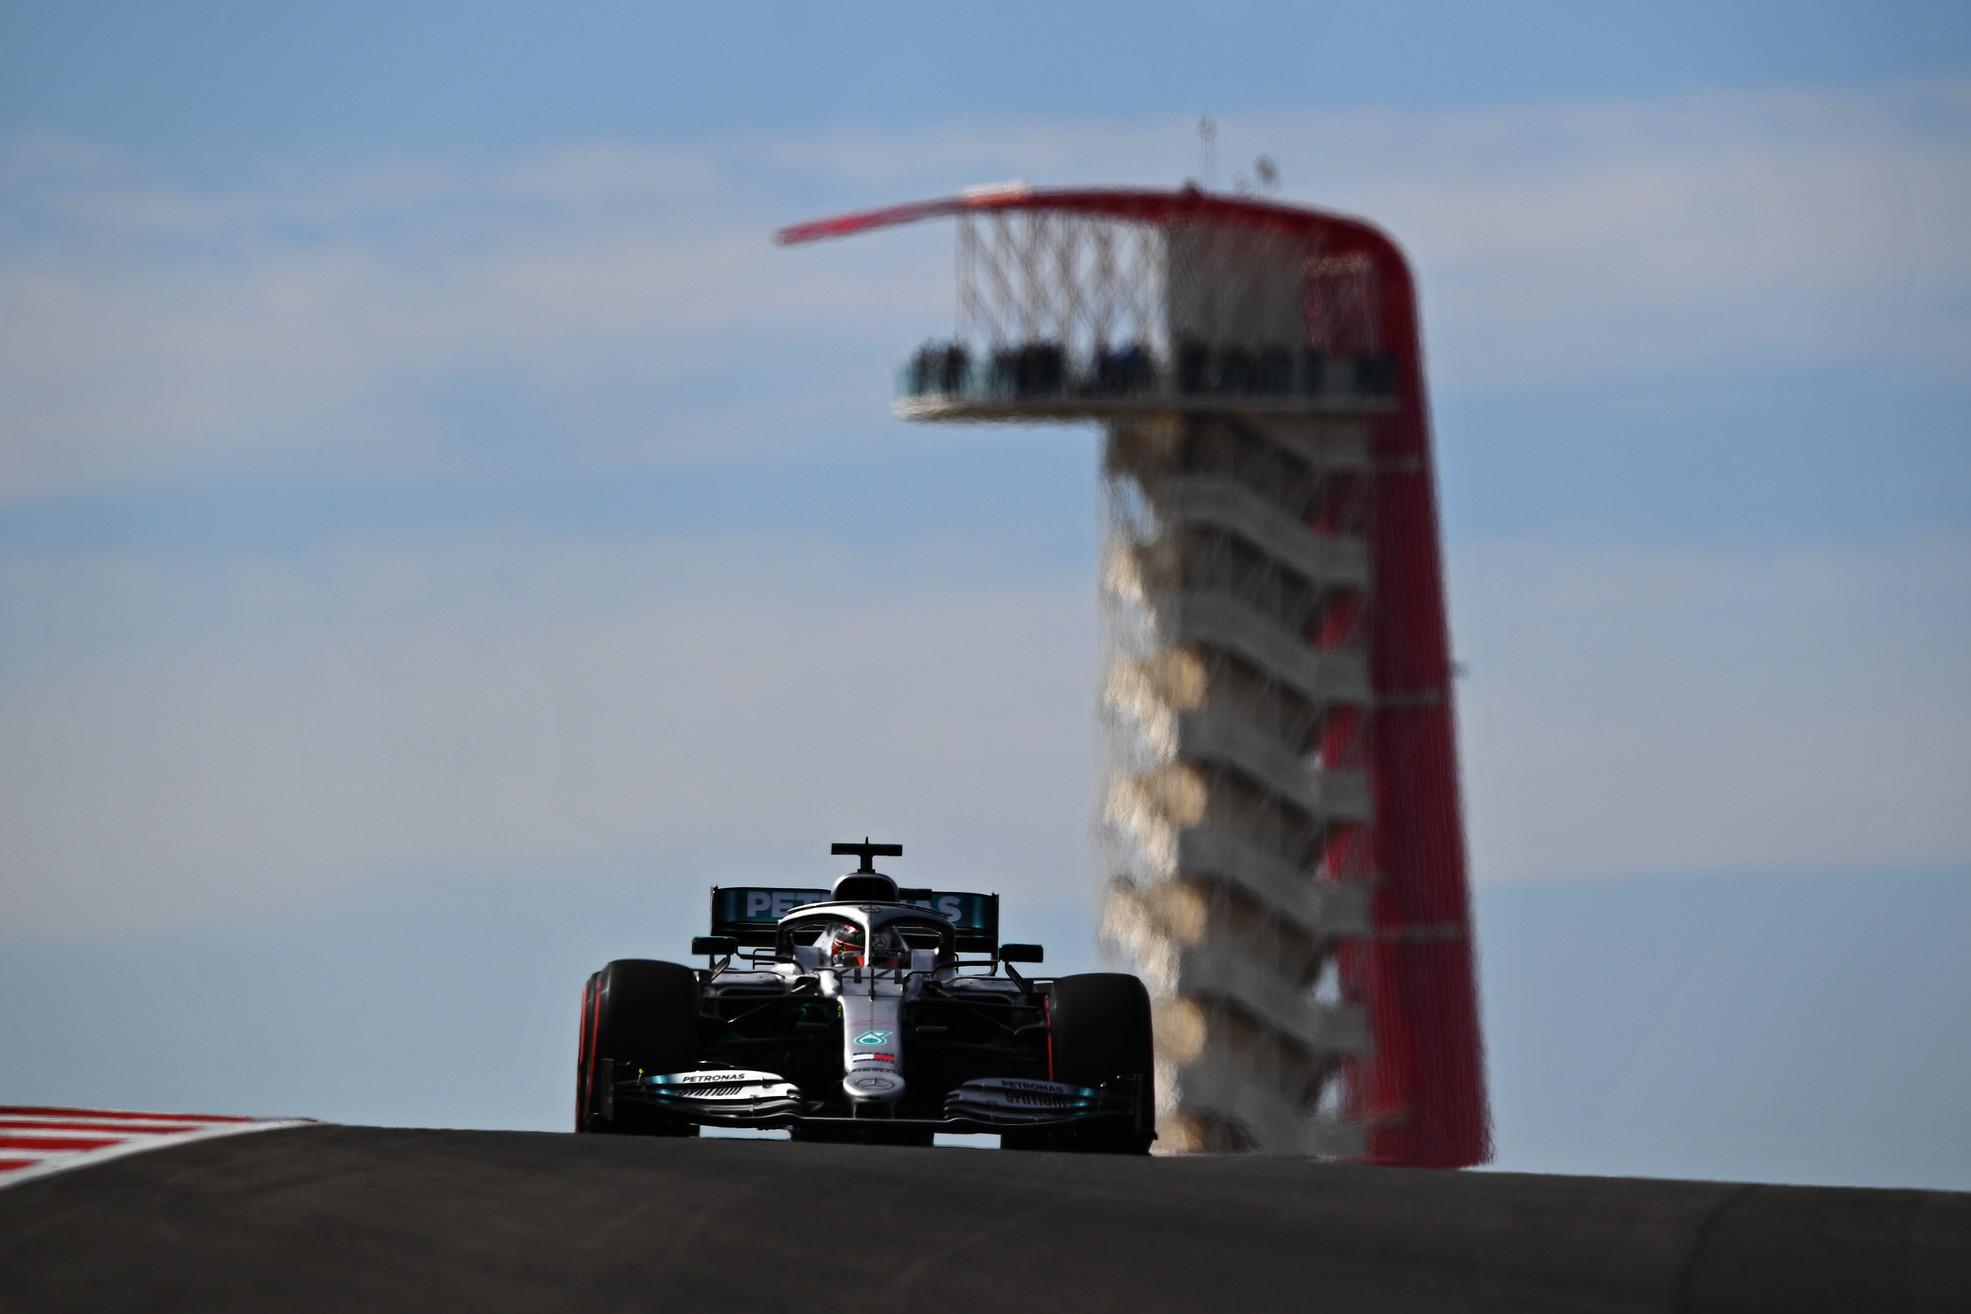 Il finlandese regola la Ferrari di Vettel in qualifica, solo 5° il quasi campione Hamilton